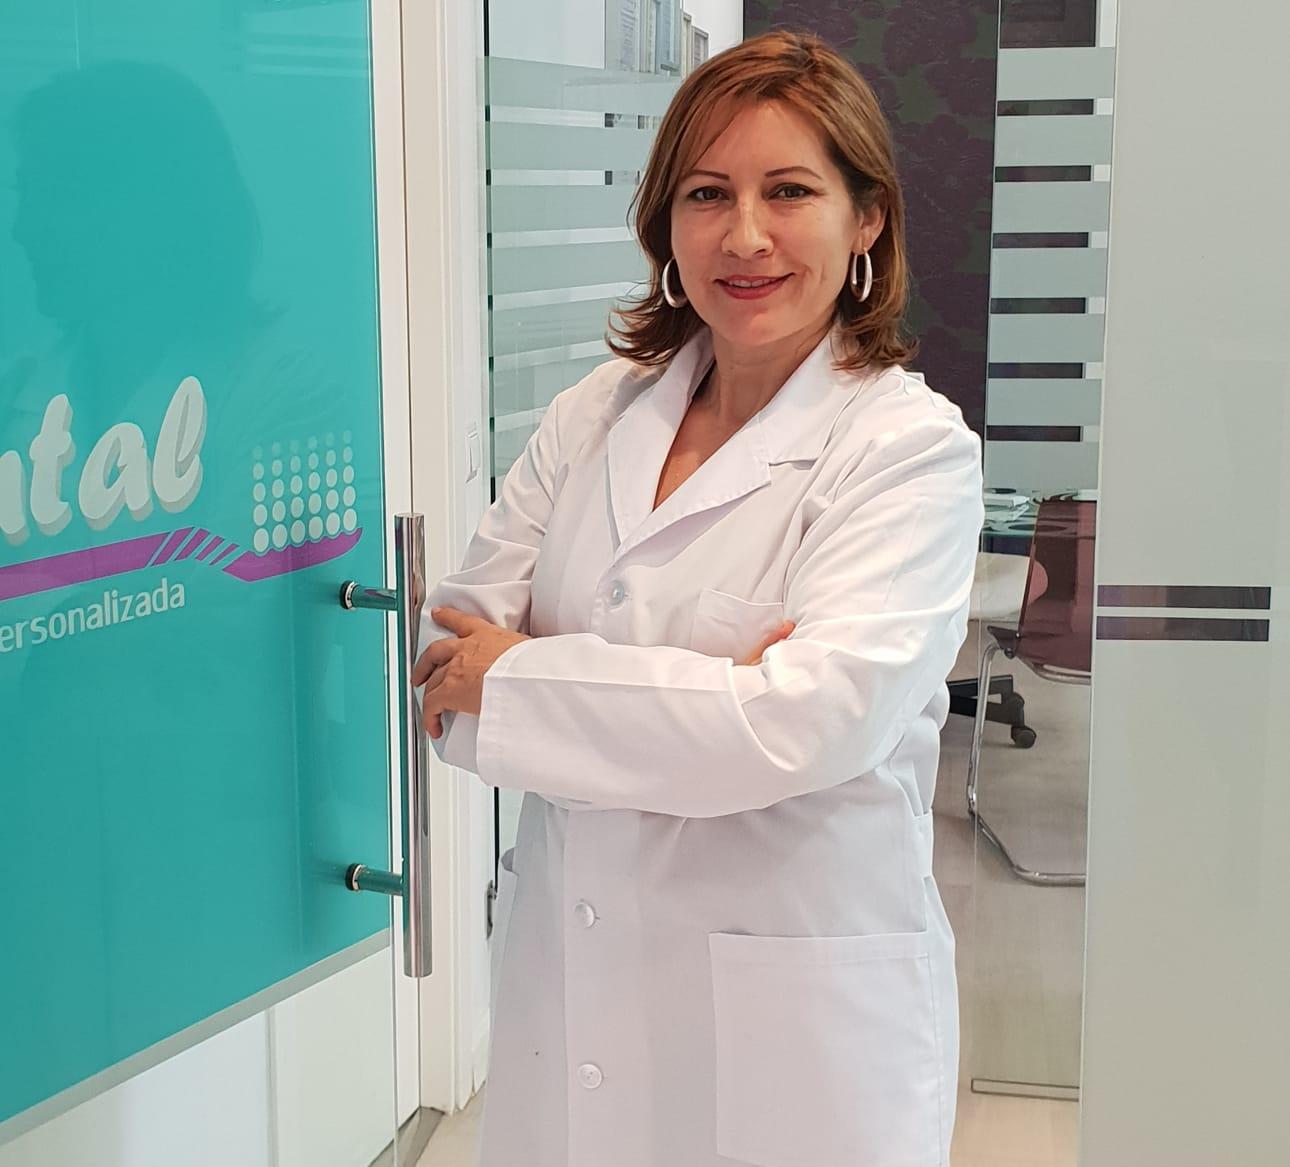 Dra. Gloria Vargas Patiño